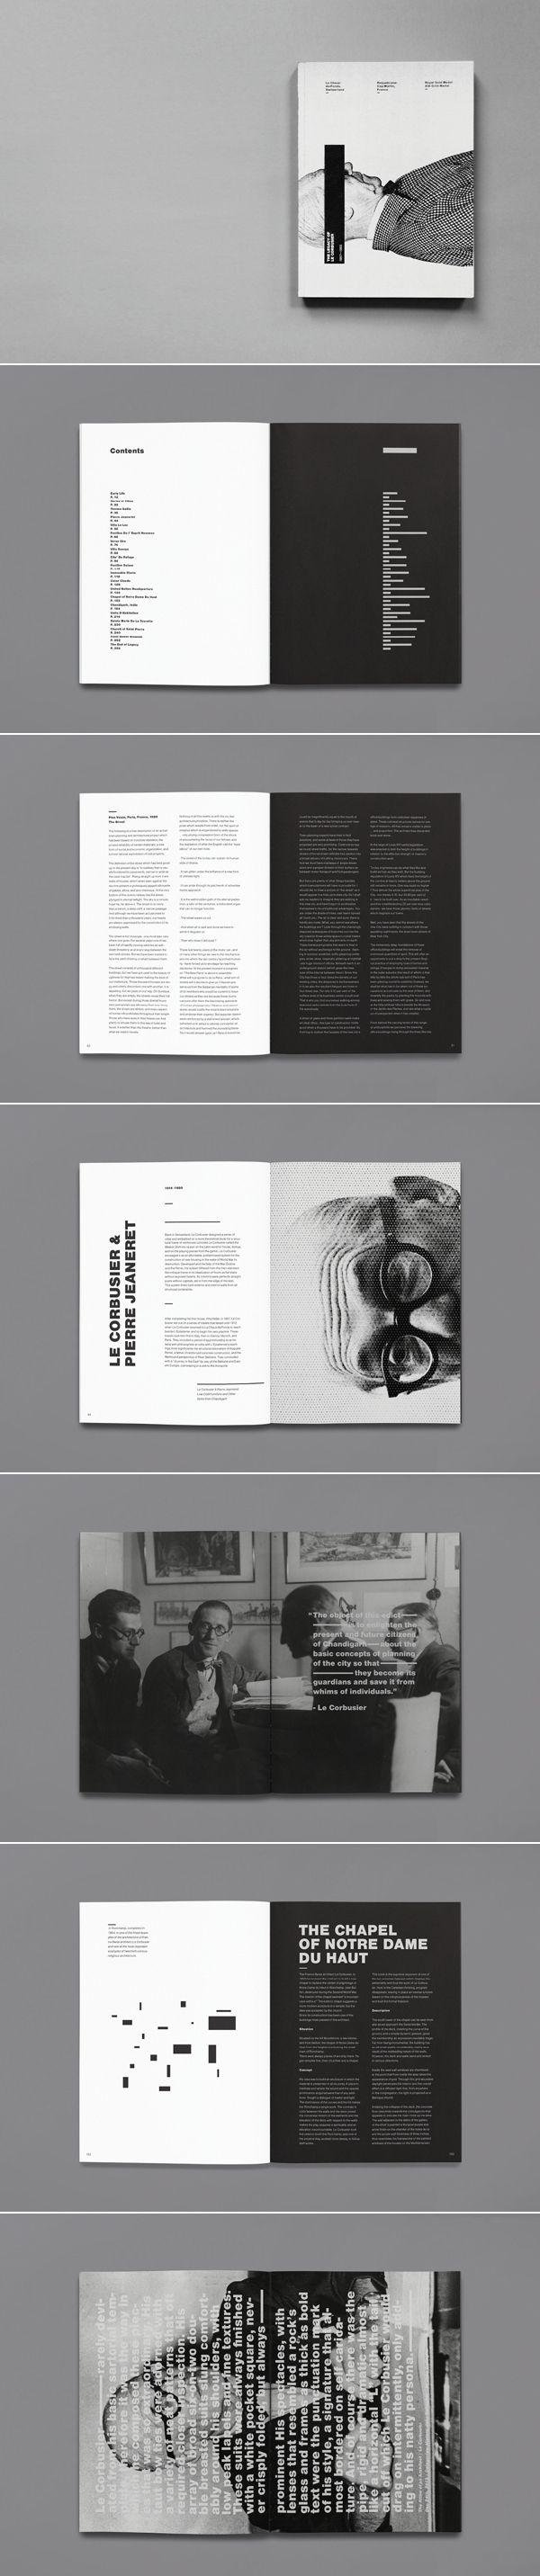 Studium book graphic design pinterest grafik design for Graphic design studium